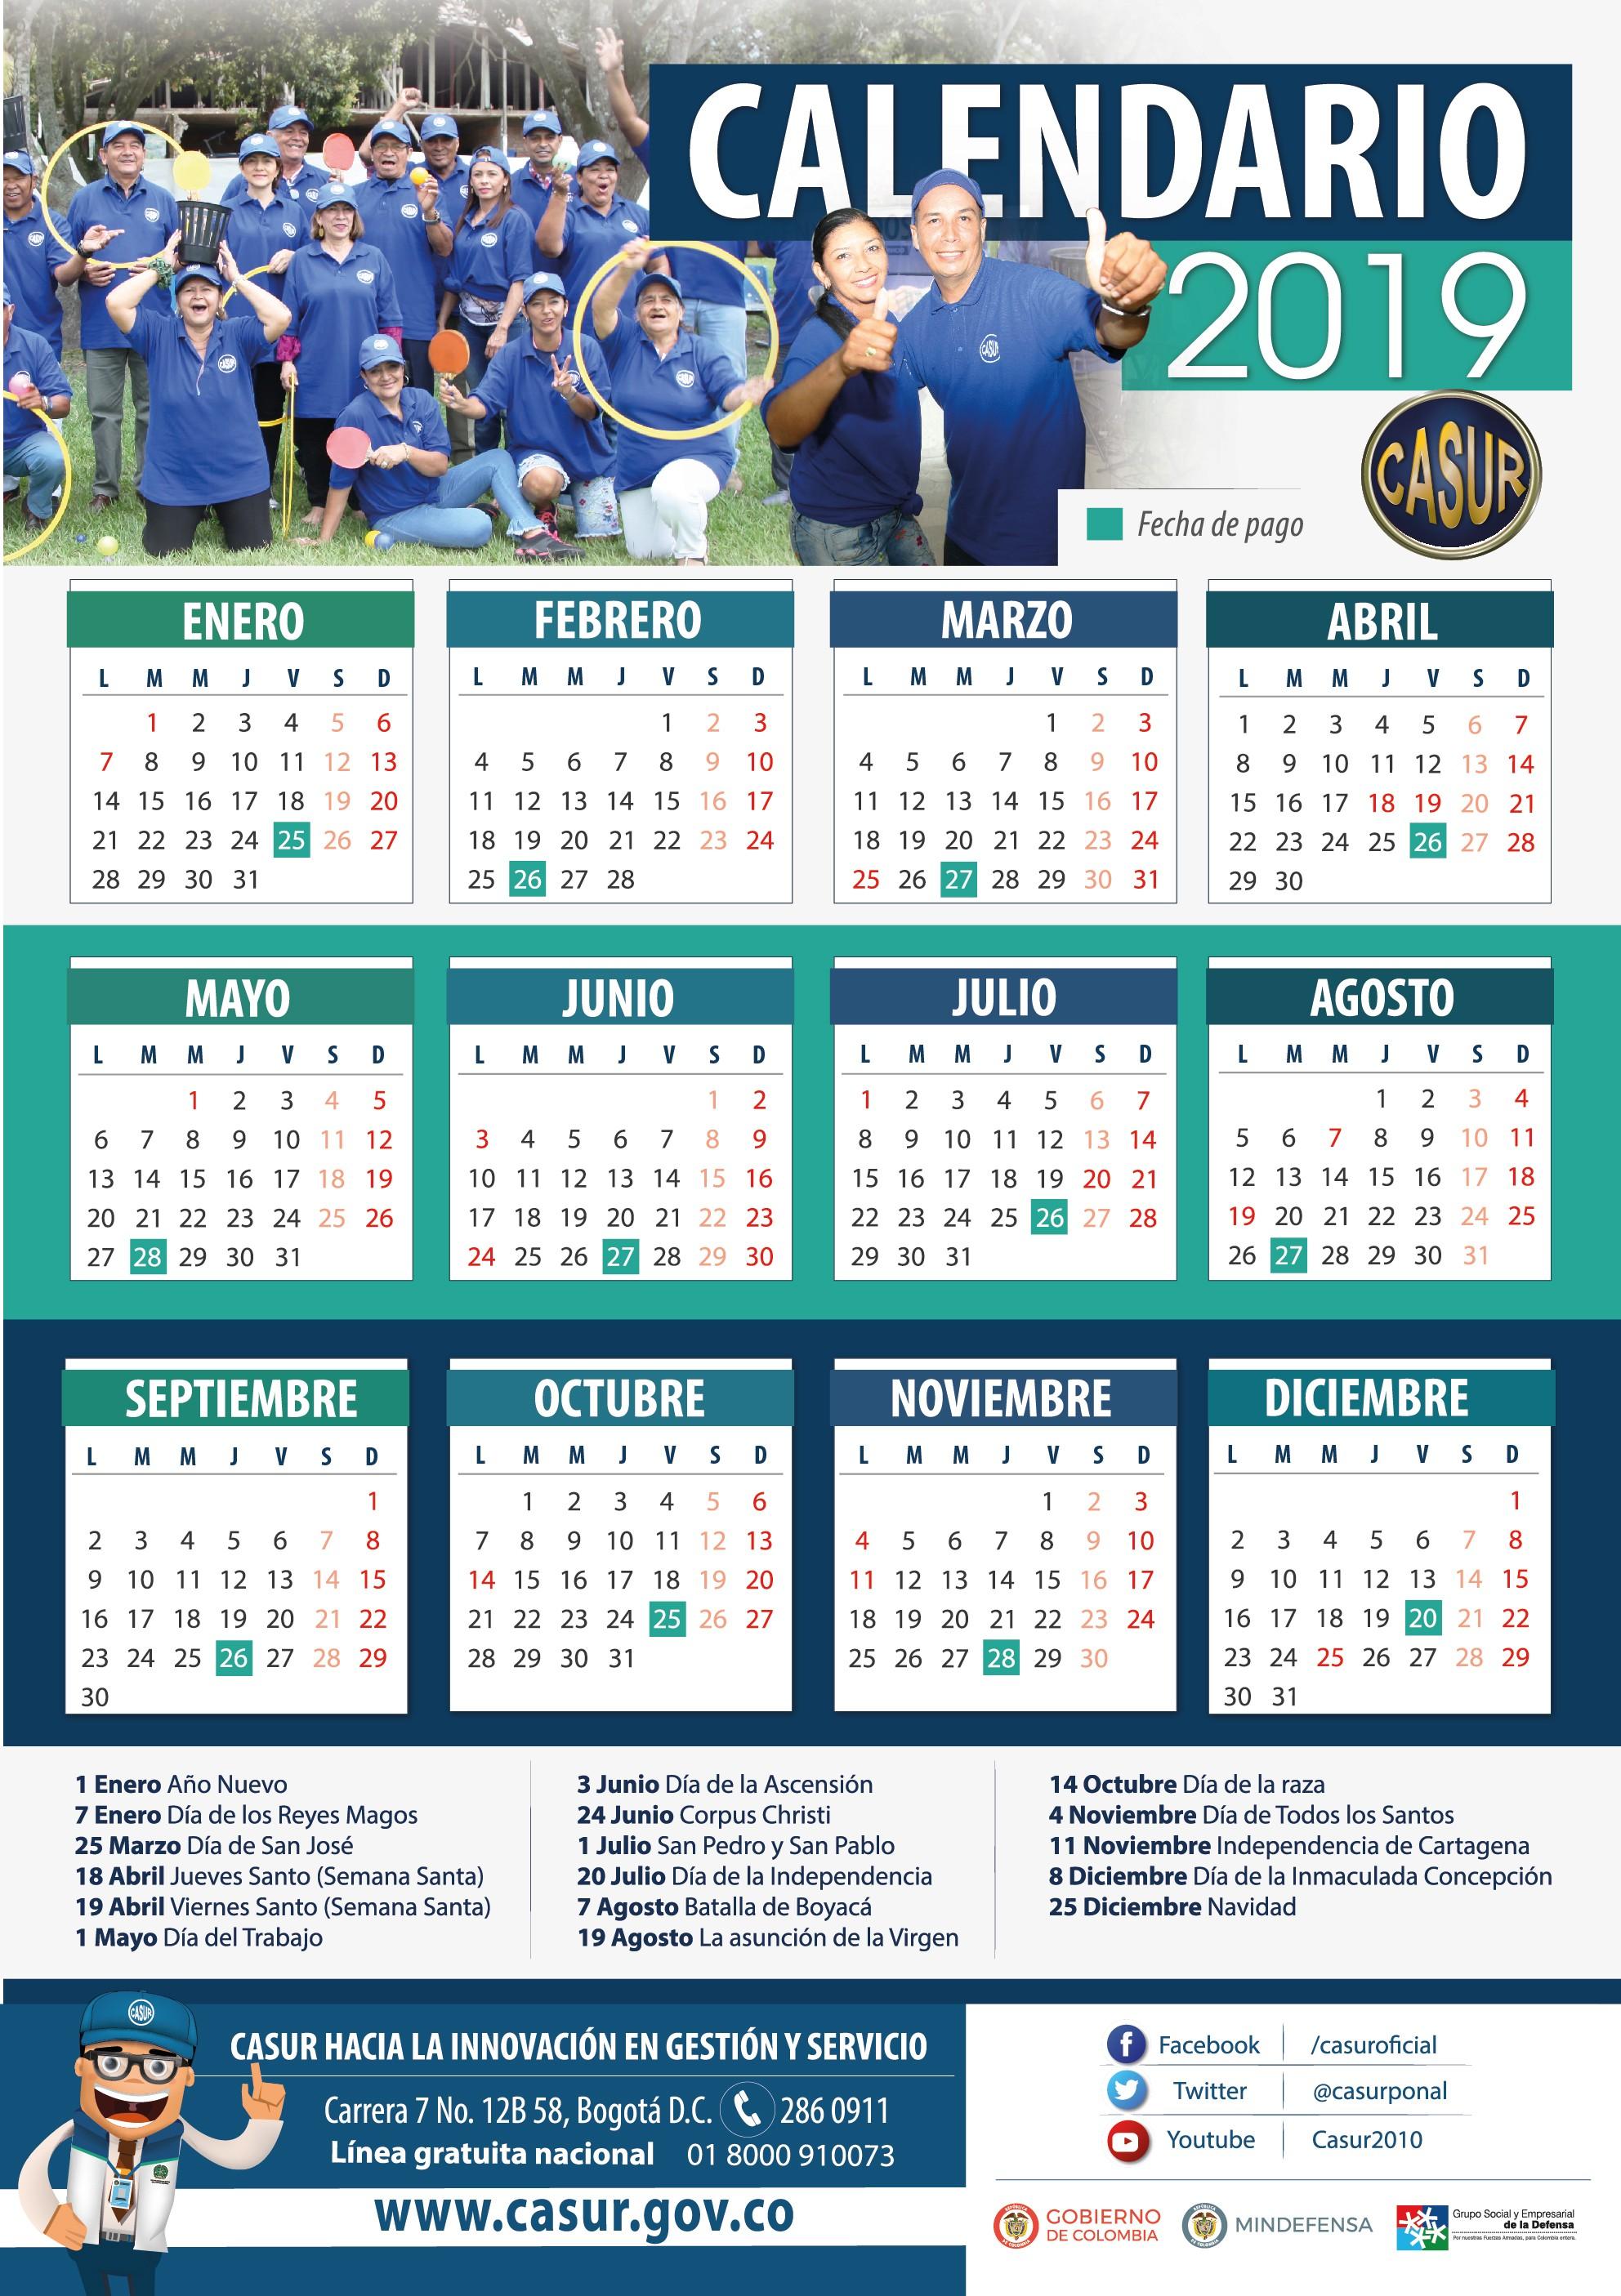 Calendario Enero 2019 Para Imprimir A4 Más Arriba-a-fecha Calendario Abril 2019 Para Imprimir T Of Calendario Enero 2019 Para Imprimir A4 Más Reciente Calendario Para Imprimir 2018 2019 Calendario